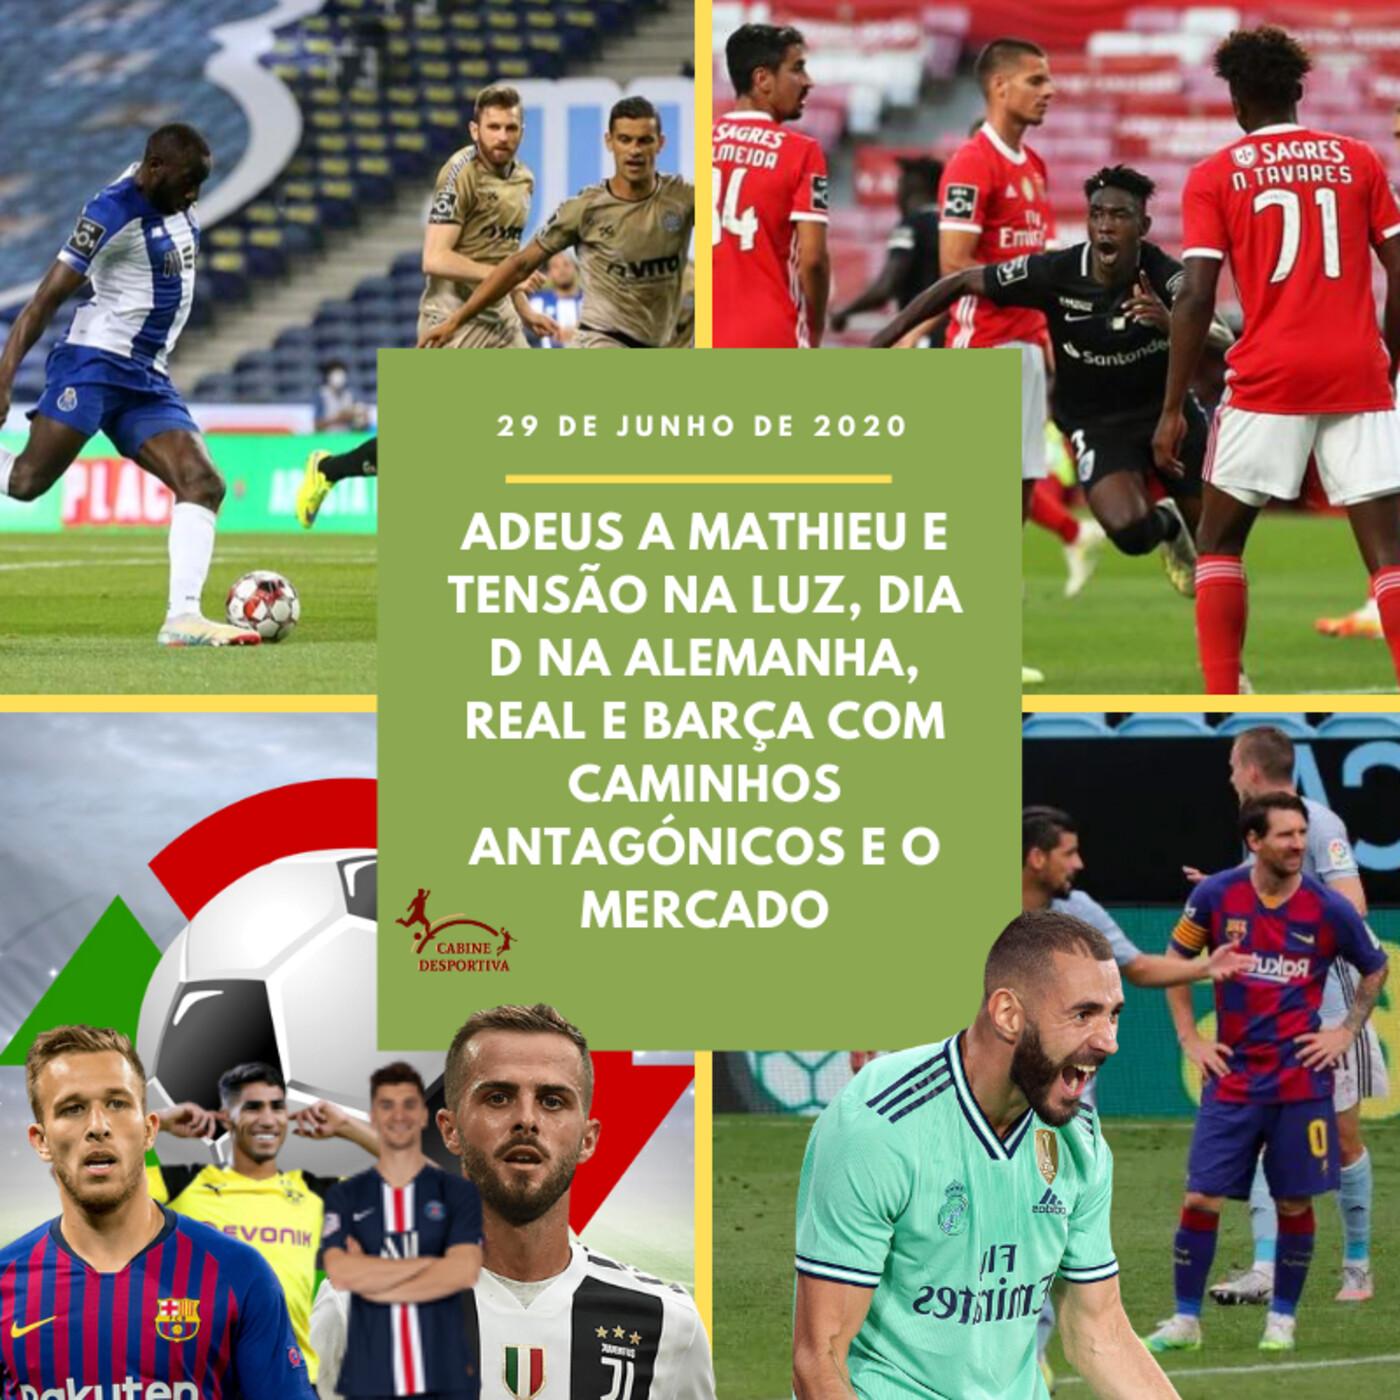 CABINE DESPORTIVA 6: Adeus a Mathieu e tensão na luz, Dia D na Alemanha, Real e Barça com caminhos distintos e o mercado